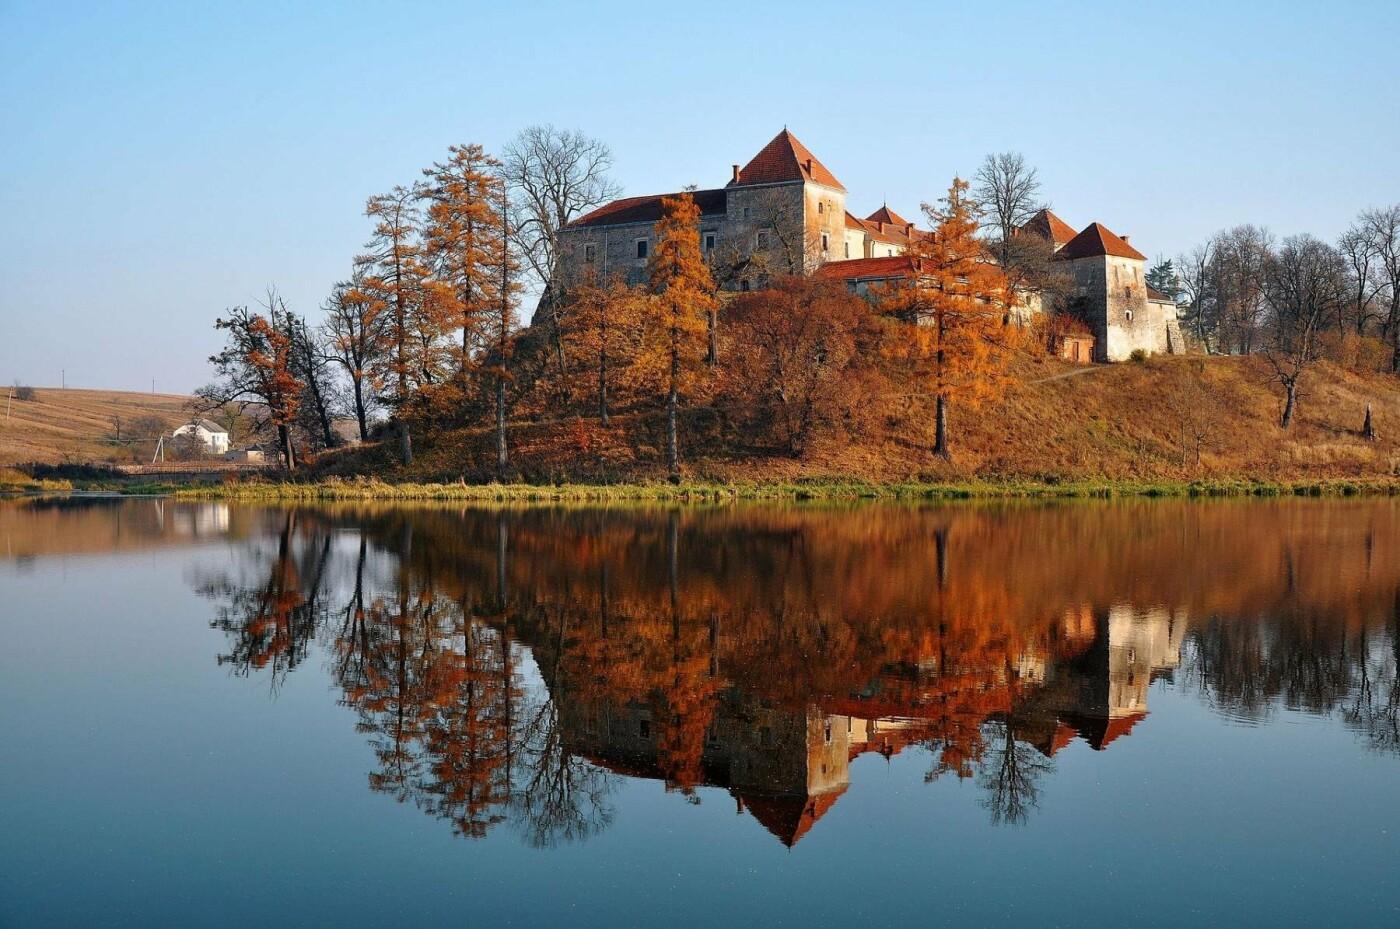 Невероятная Украина. От Луцка до Львова: 9 замков, подземелья и лавра (ФОТО, КАРТА, ЦЕНЫ), фото-37